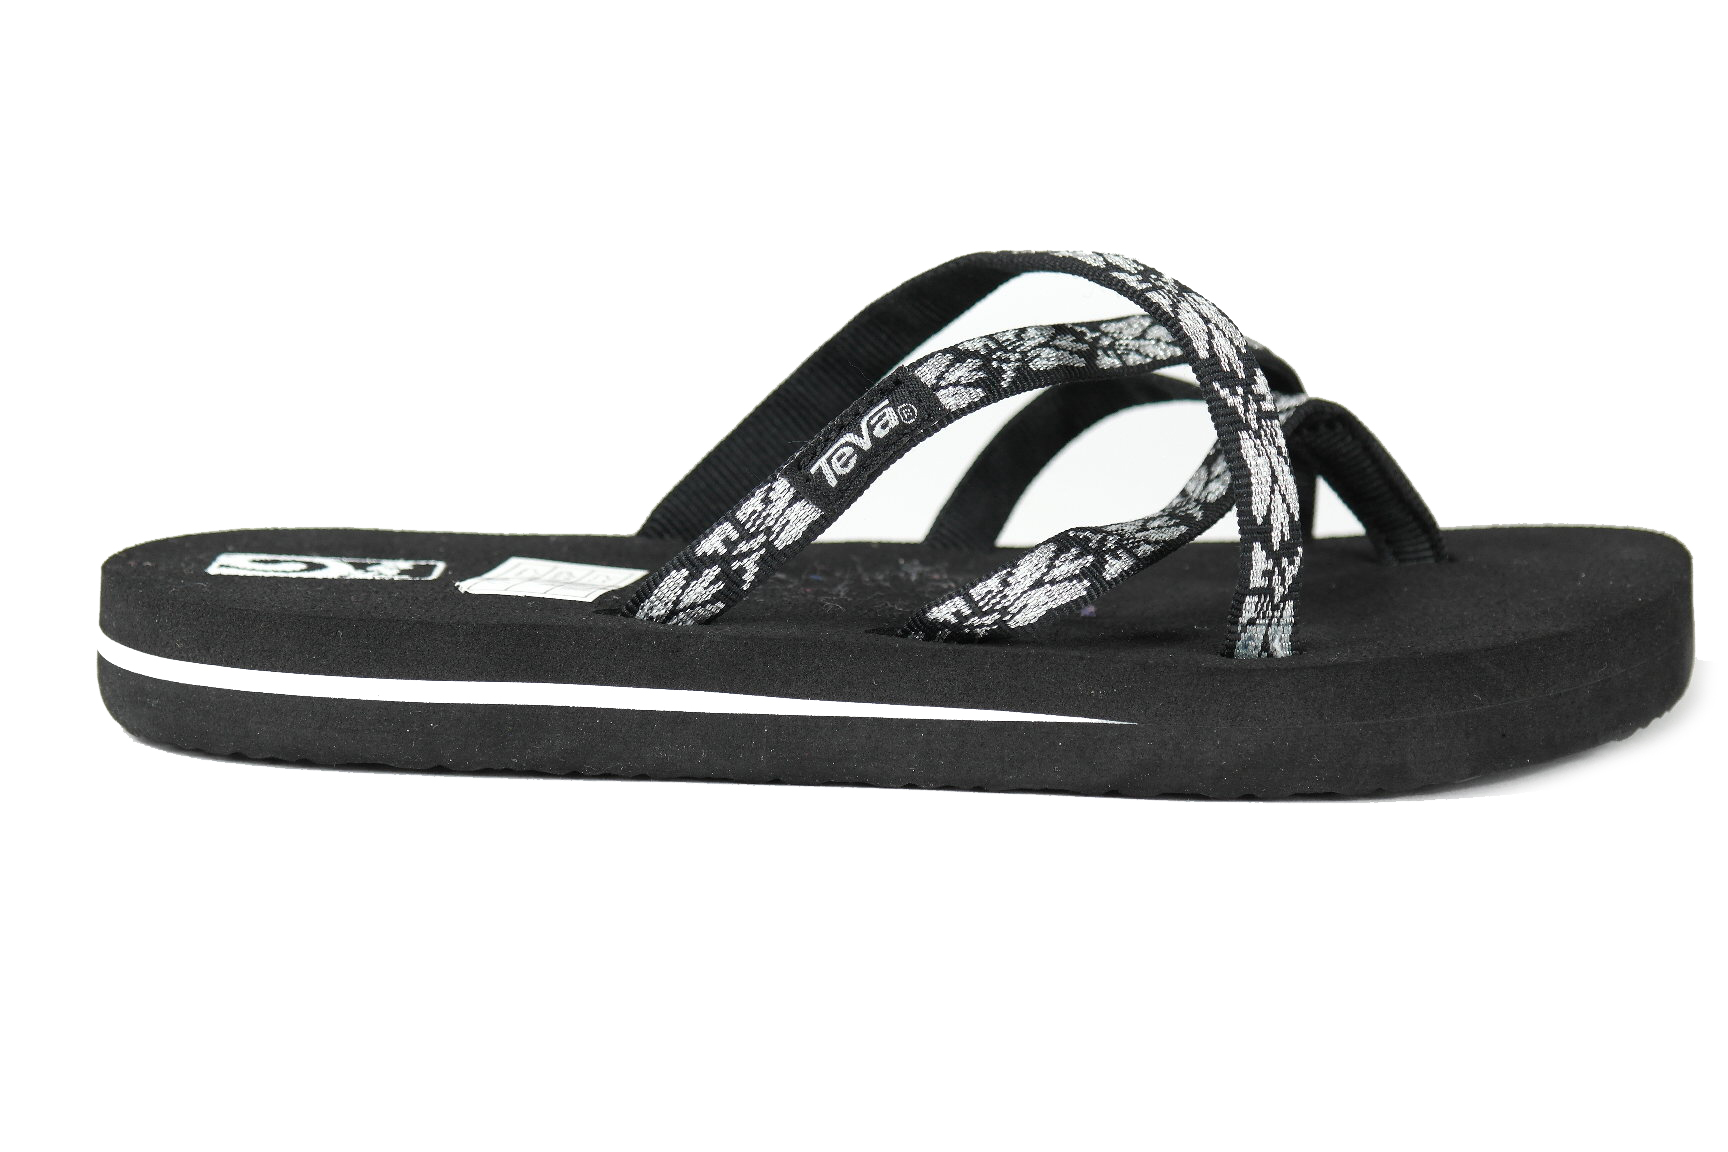 4556ef7e39867a Teva Olowahu meisjes slippers zwart dessin van slippers   sandalen